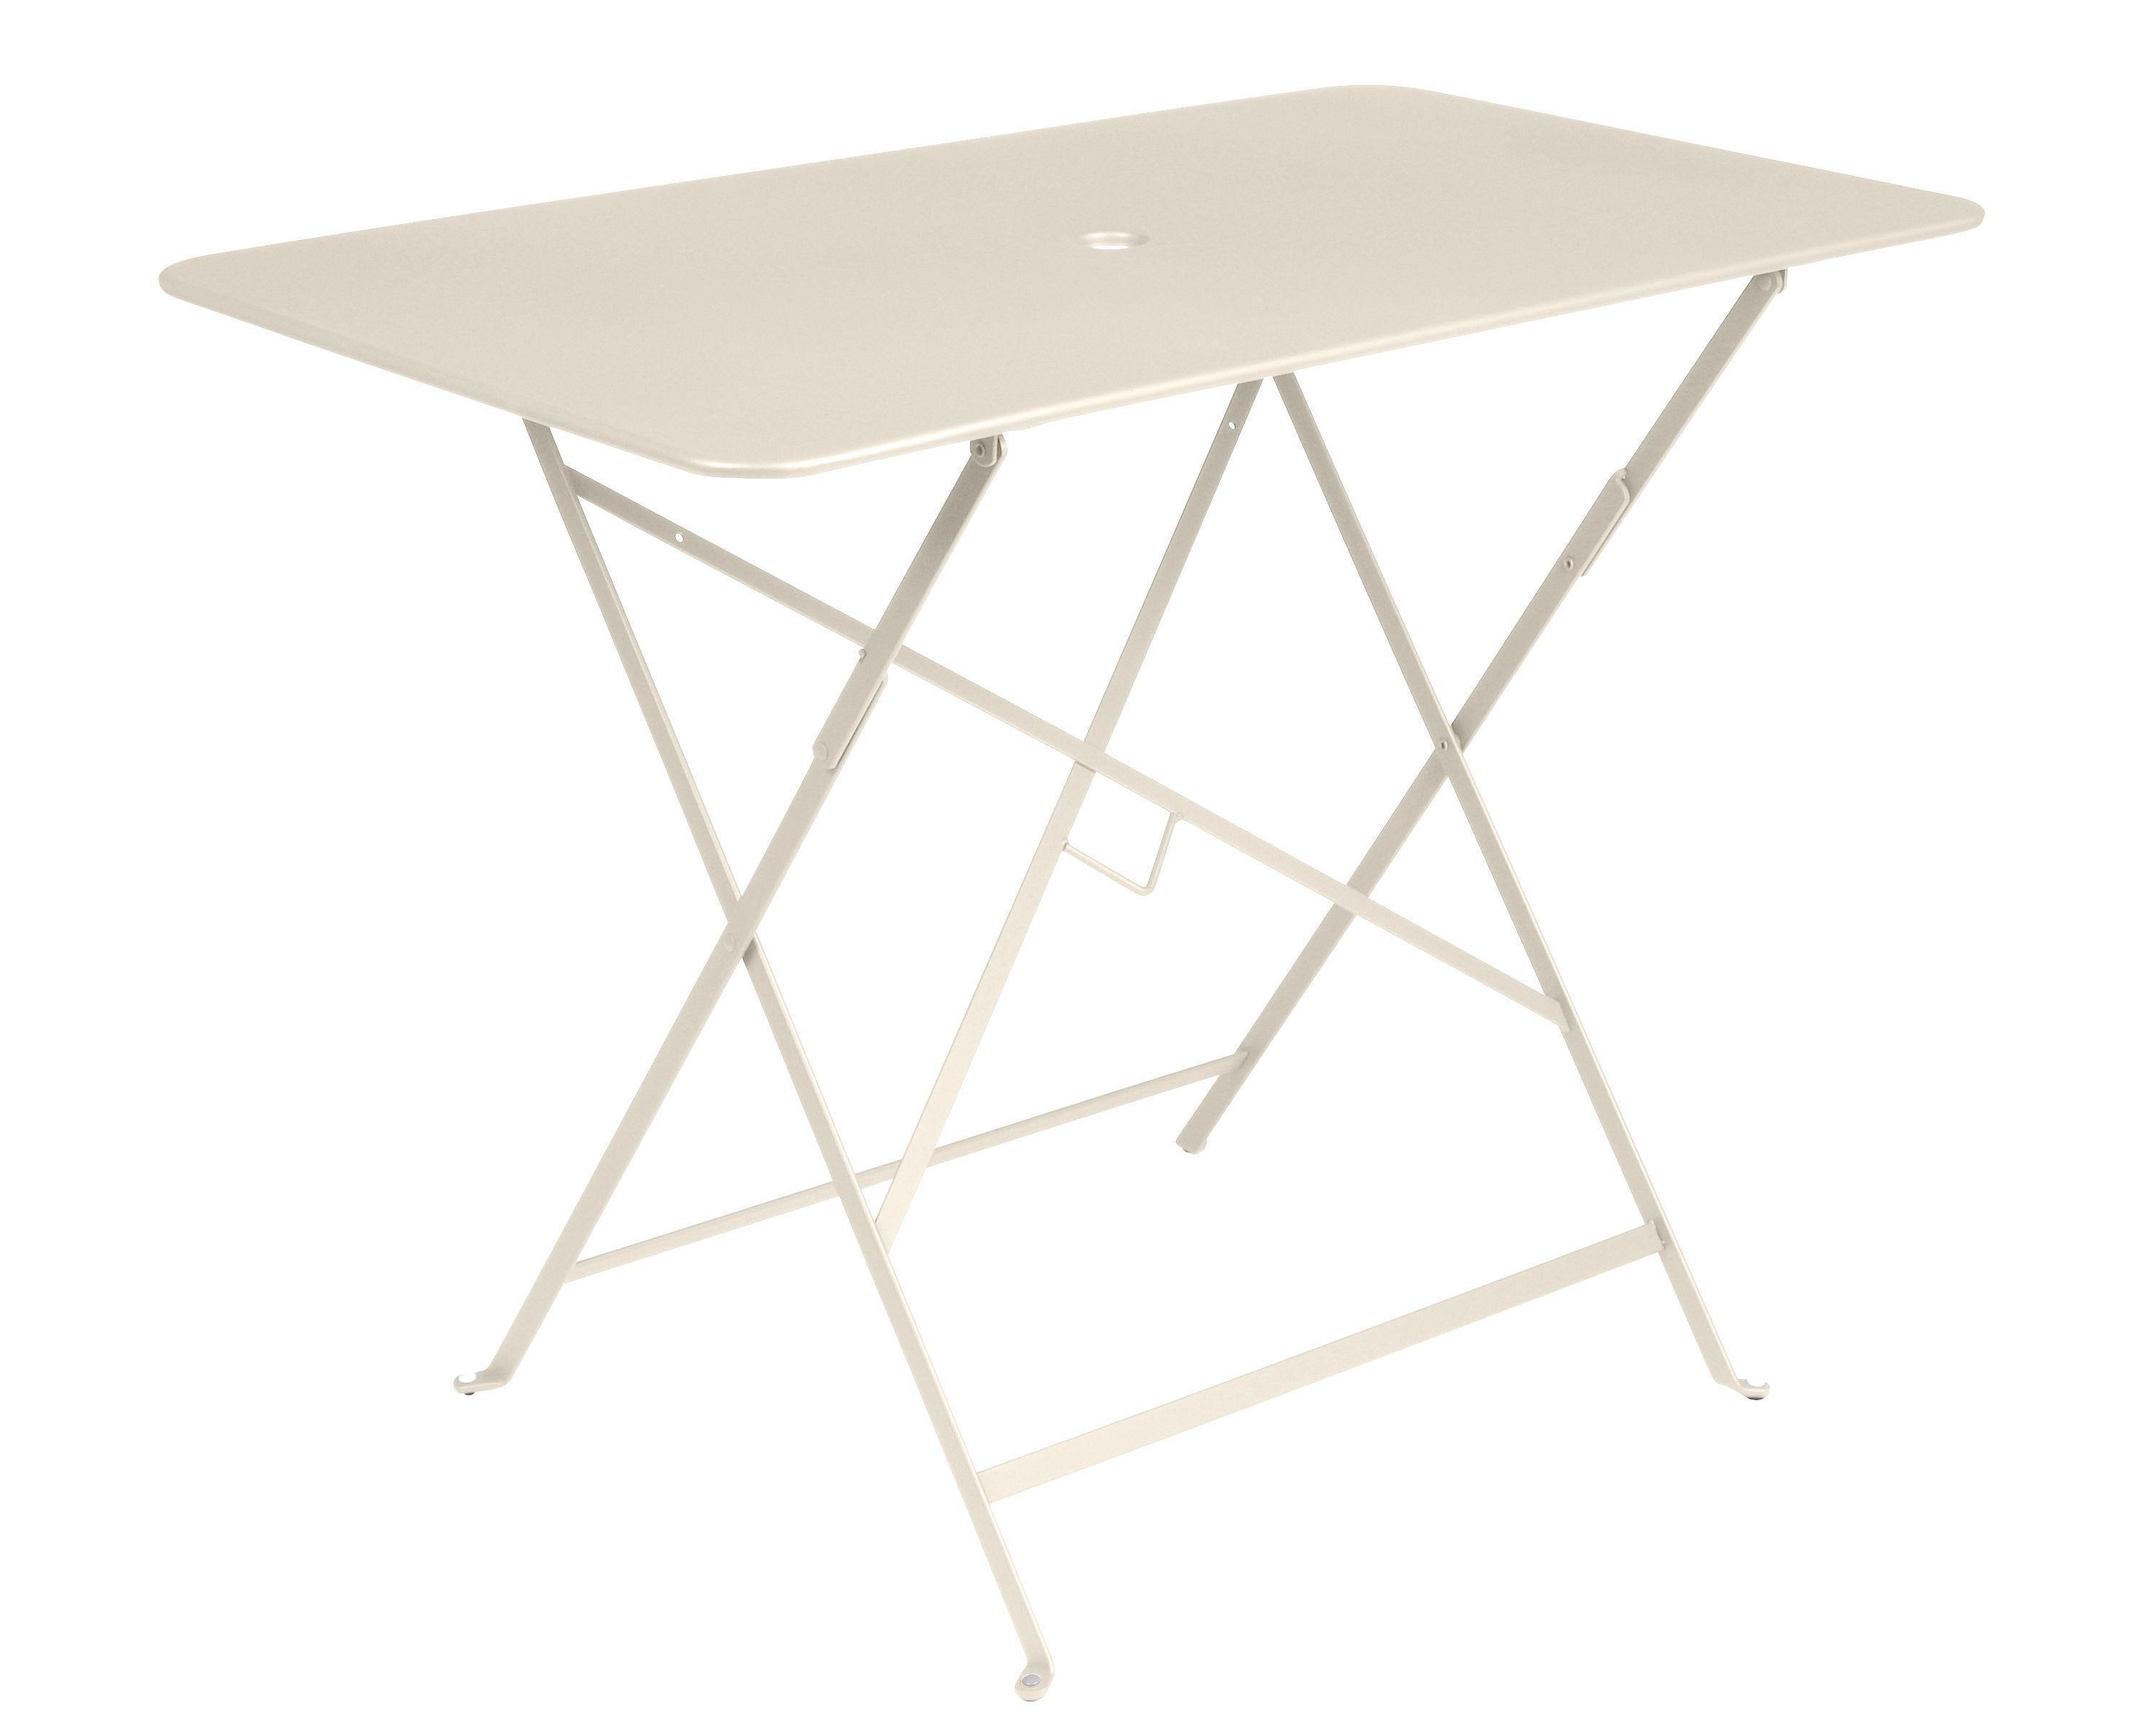 table pliante bistro 97 x 57 cm 4 personnes trou parasol lin fermob. Black Bedroom Furniture Sets. Home Design Ideas